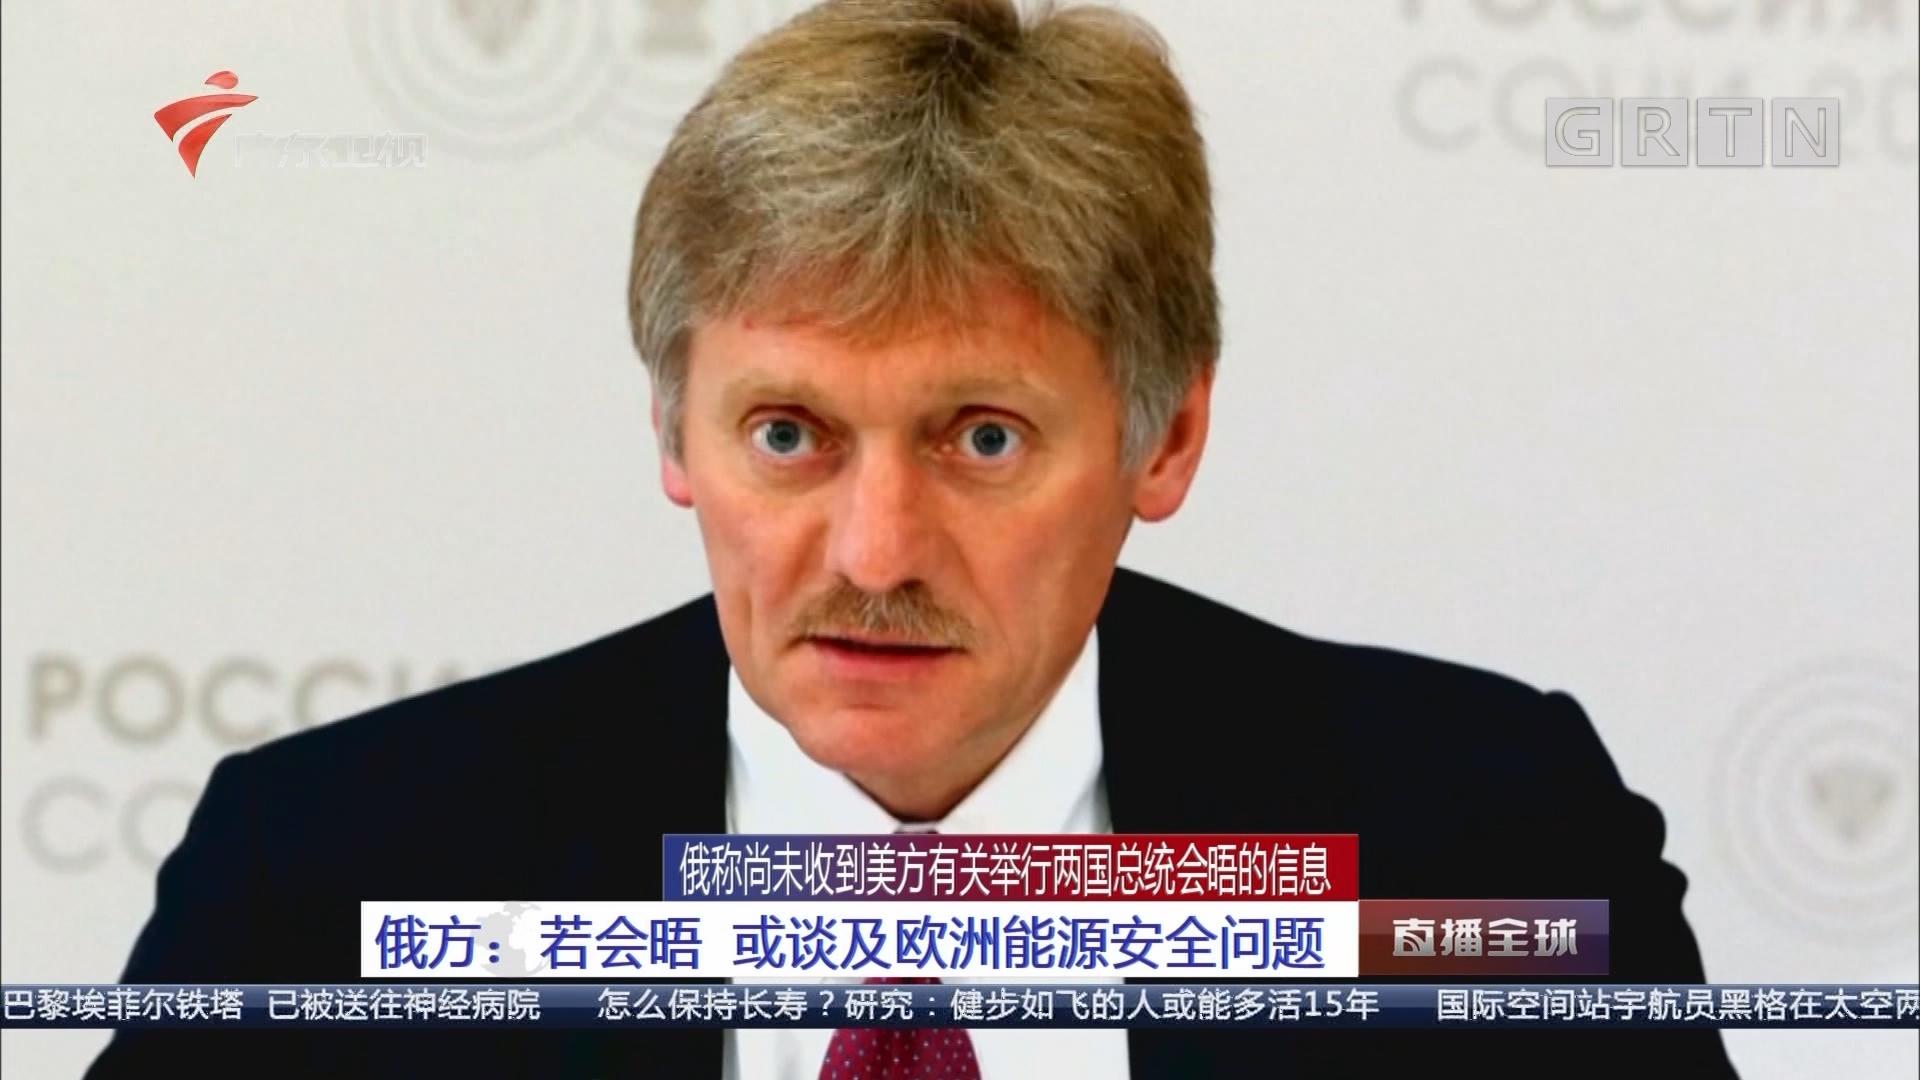 俄称尚未收到美方有关举行两国总统会晤的信息 俄方:若会晤 或谈及欧洲能源安全问题